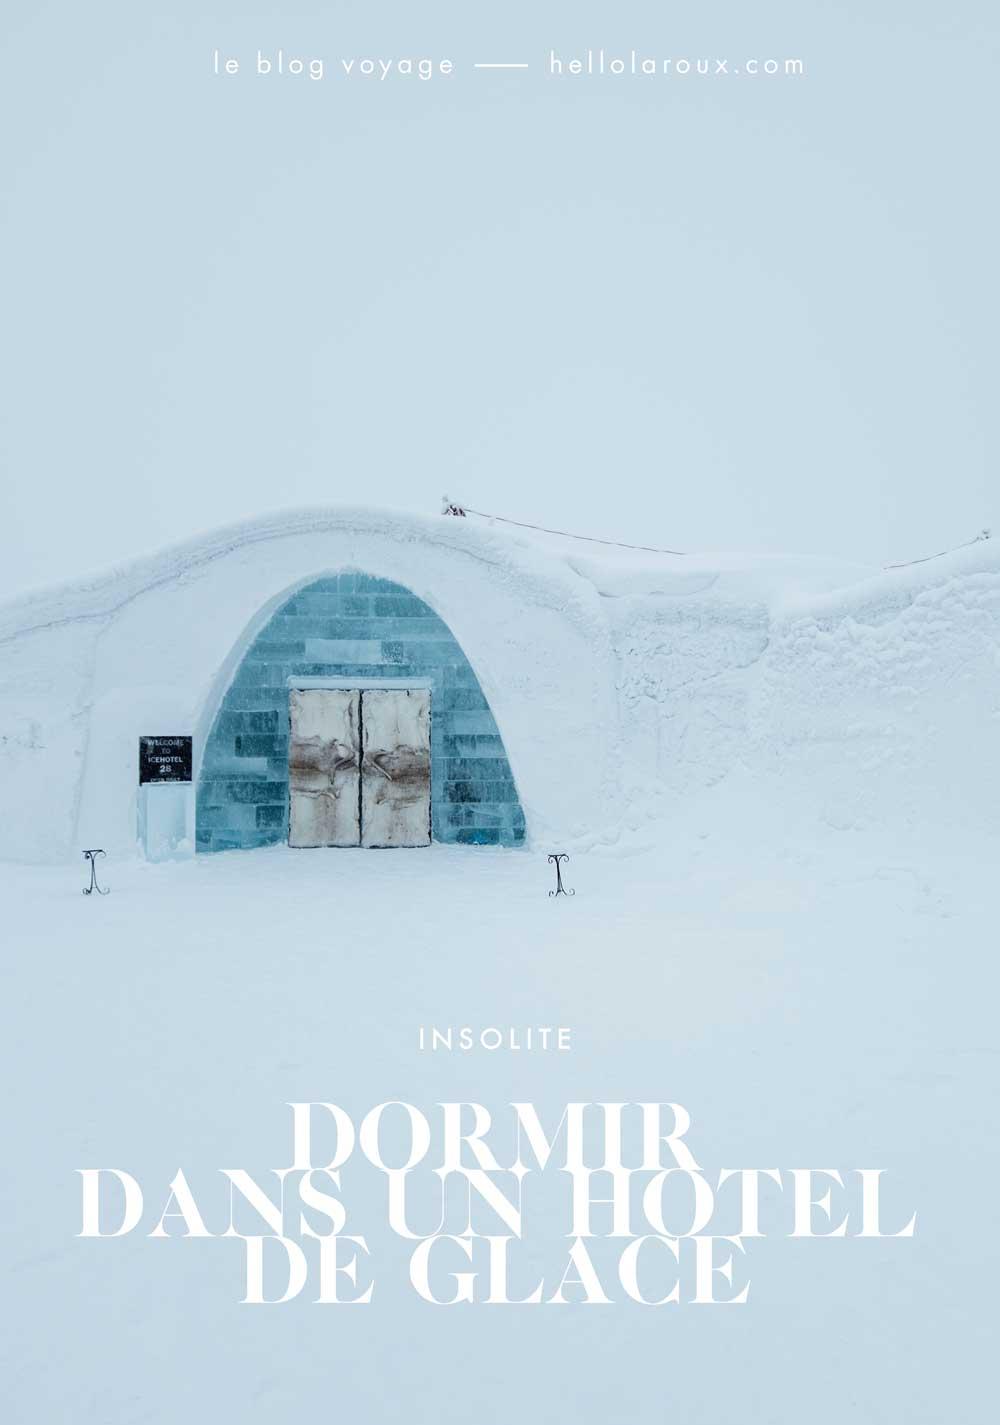 Dormir dans un hotel de glace en Suède